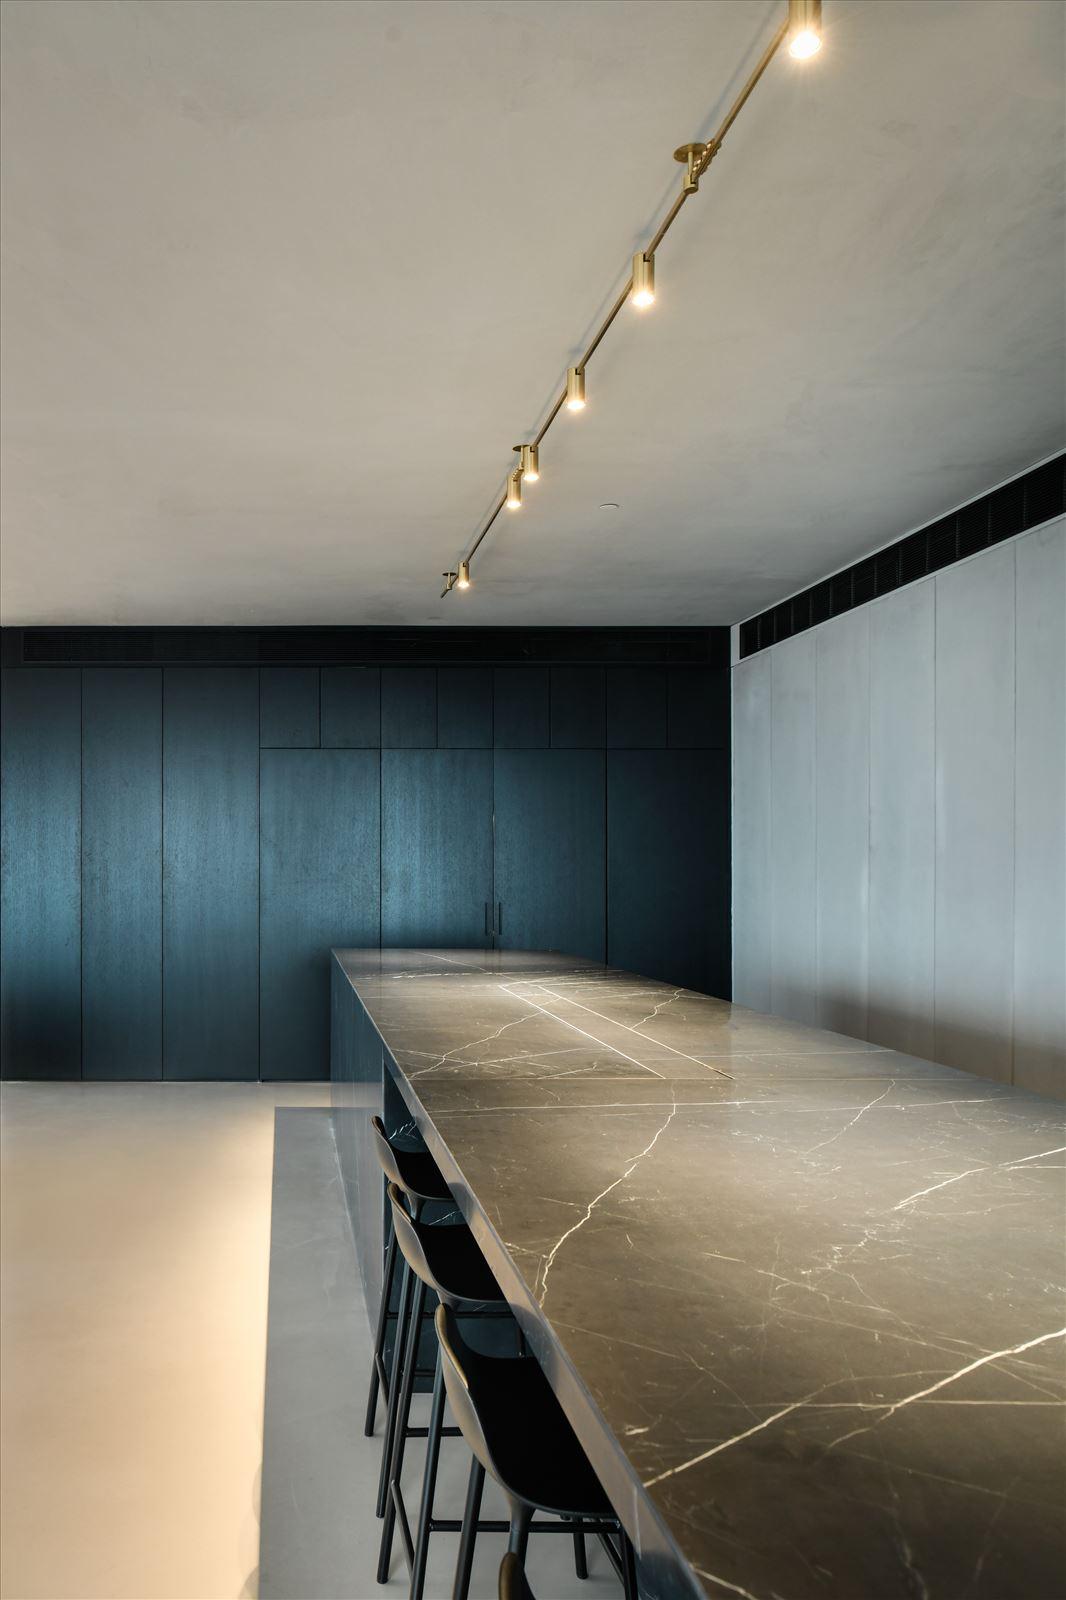 Divident office עיצוב מיוחד מעל מזנון המשרד נעשה על ידי קמחי תאורה